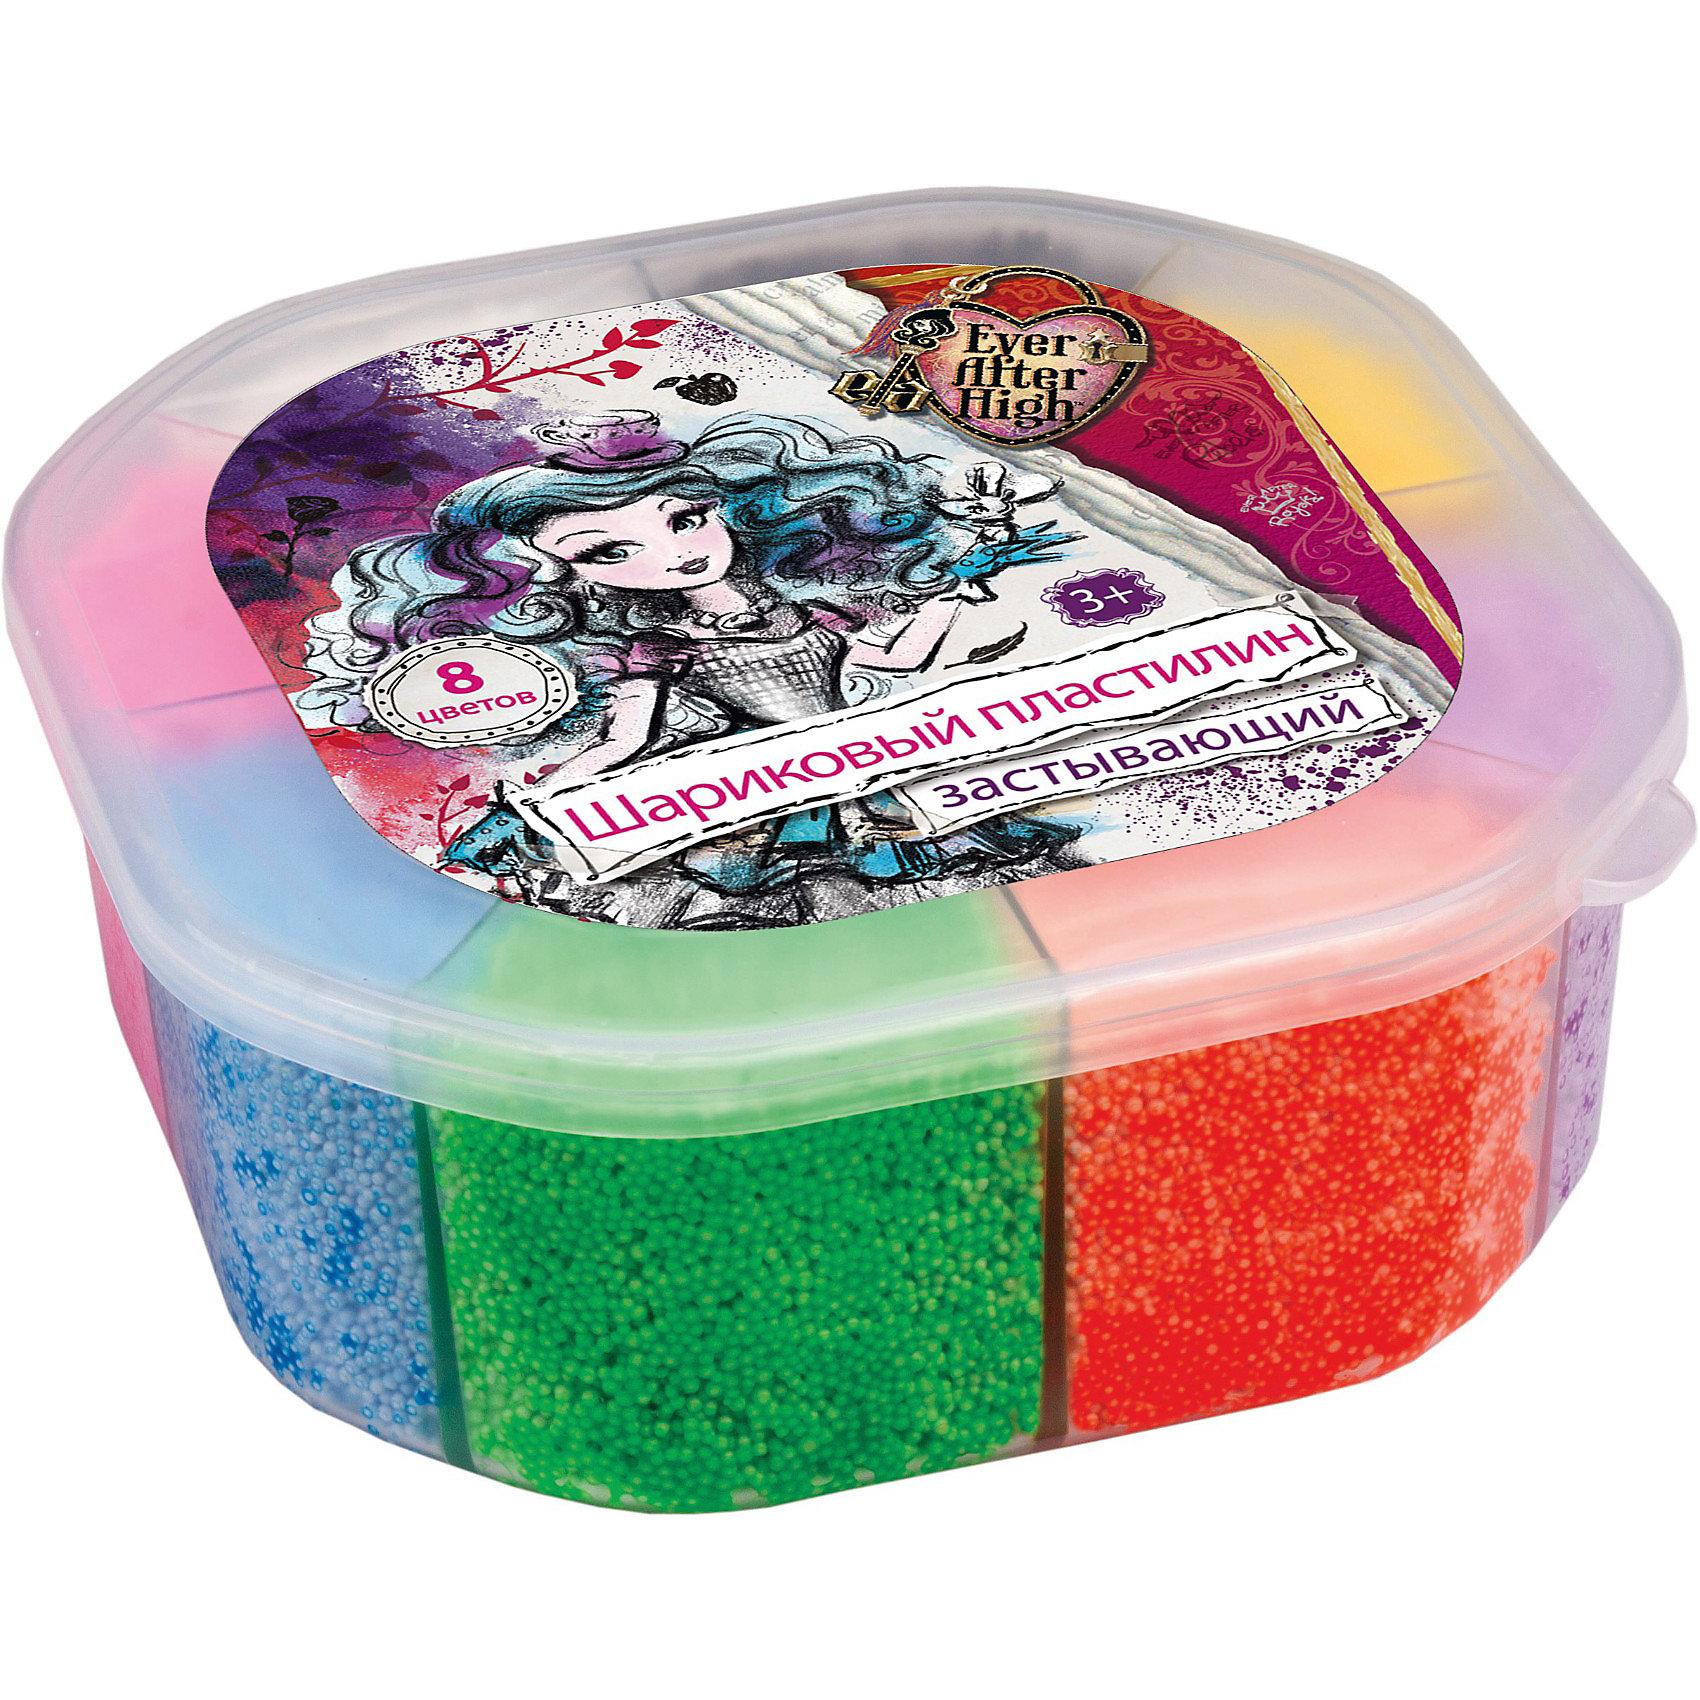 Застывающий шариковый пластилин, 8 цветов, Ever After HighЗастывающий шариковый пластилин, Ever After High замечательно подойдет для детского творчества и школьных занятий. В комплекте 8 разных цветов, упакованных в пластиковый контейнер с изображением героинь популярного мультсериала Ever After High (Школа Долго и Счастливо). Пластилин необычной мелкозернистой структуры быстро застывает на воздухе. Занятия лепкой развивают у ребенка фантазию, творческие  способности и объемное воображение, тренируют координацию движений и мелкую моторику.<br><br>Дополнительная информация:<br><br>- В комплекте: 8 цветов х 9 гр.<br>- Размер упаковки: 5 ? 12 ? 12 см.<br>- Вес: 180 гр.<br><br>Застывающий шариковый пластилин, Ever After High (Эвер Афтер Хай) можно купить в нашем интернет-магазине.<br><br>Ширина мм: 50<br>Глубина мм: 120<br>Высота мм: 120<br>Вес г: 180<br>Возраст от месяцев: 36<br>Возраст до месяцев: 120<br>Пол: Женский<br>Возраст: Детский<br>SKU: 3866774